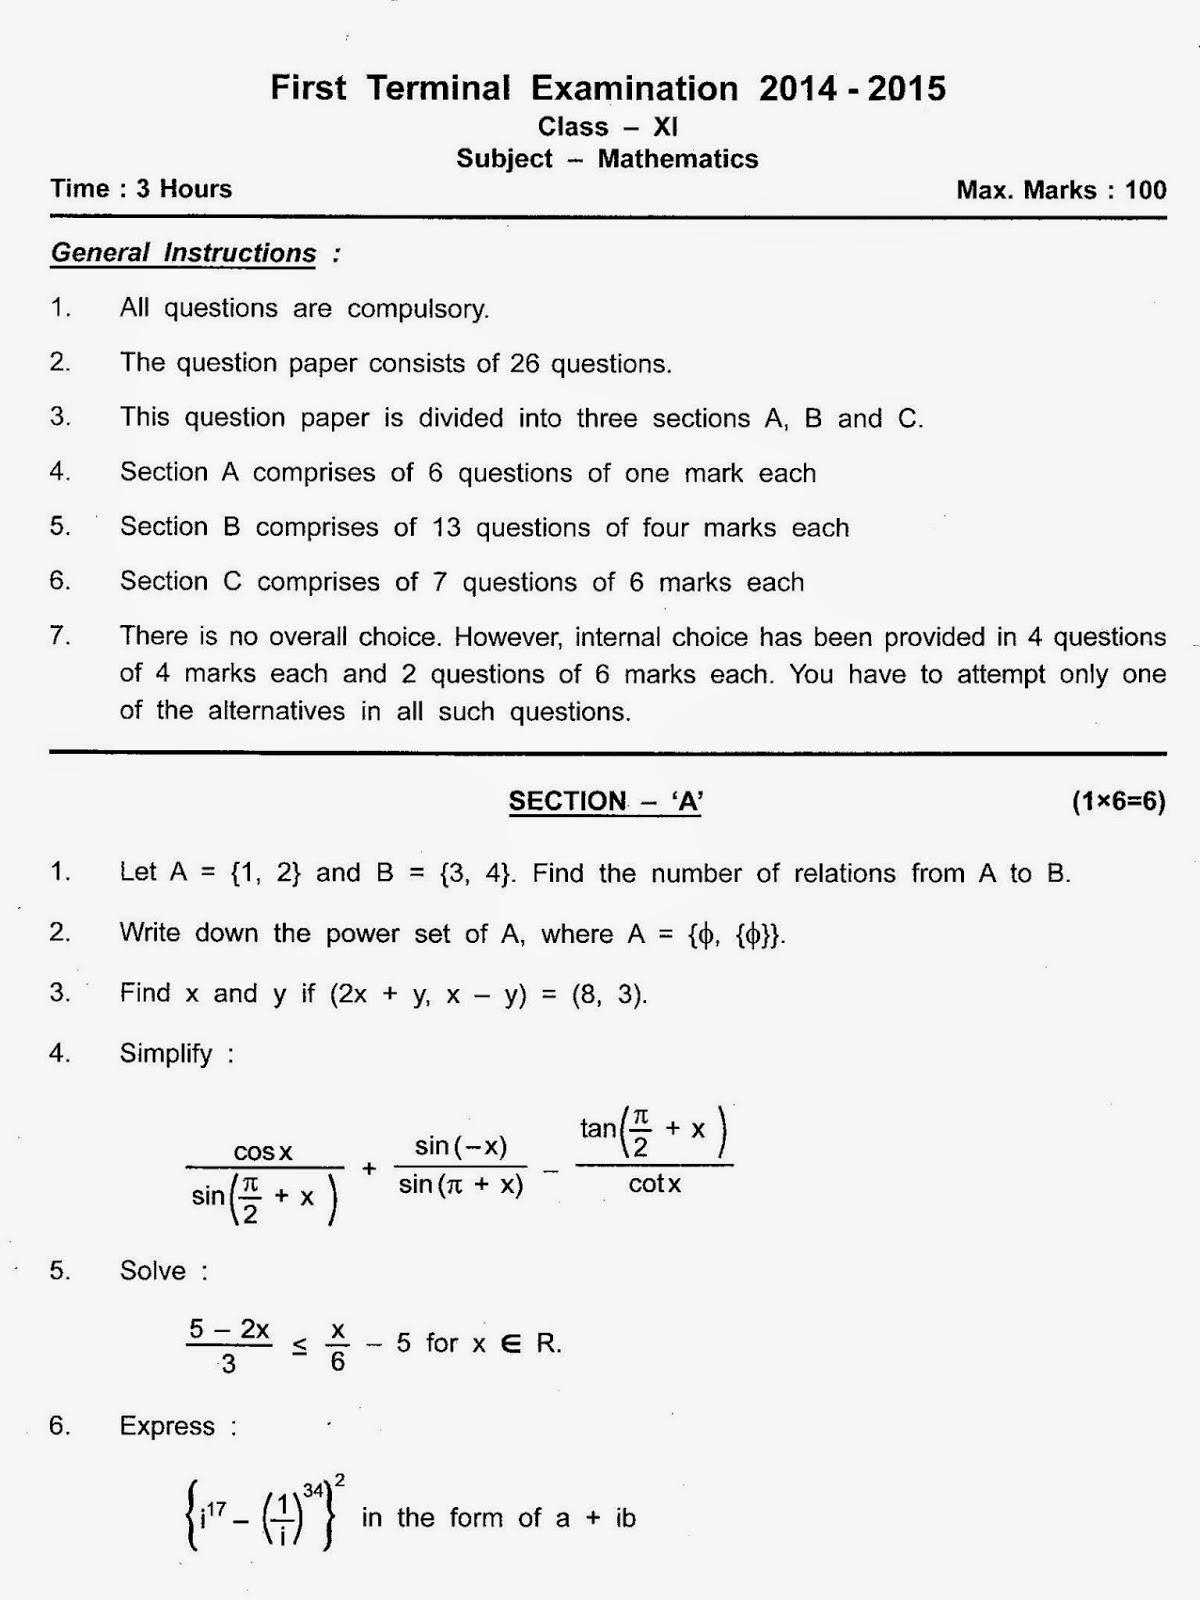 Class Xi Amity International School First Term Maths